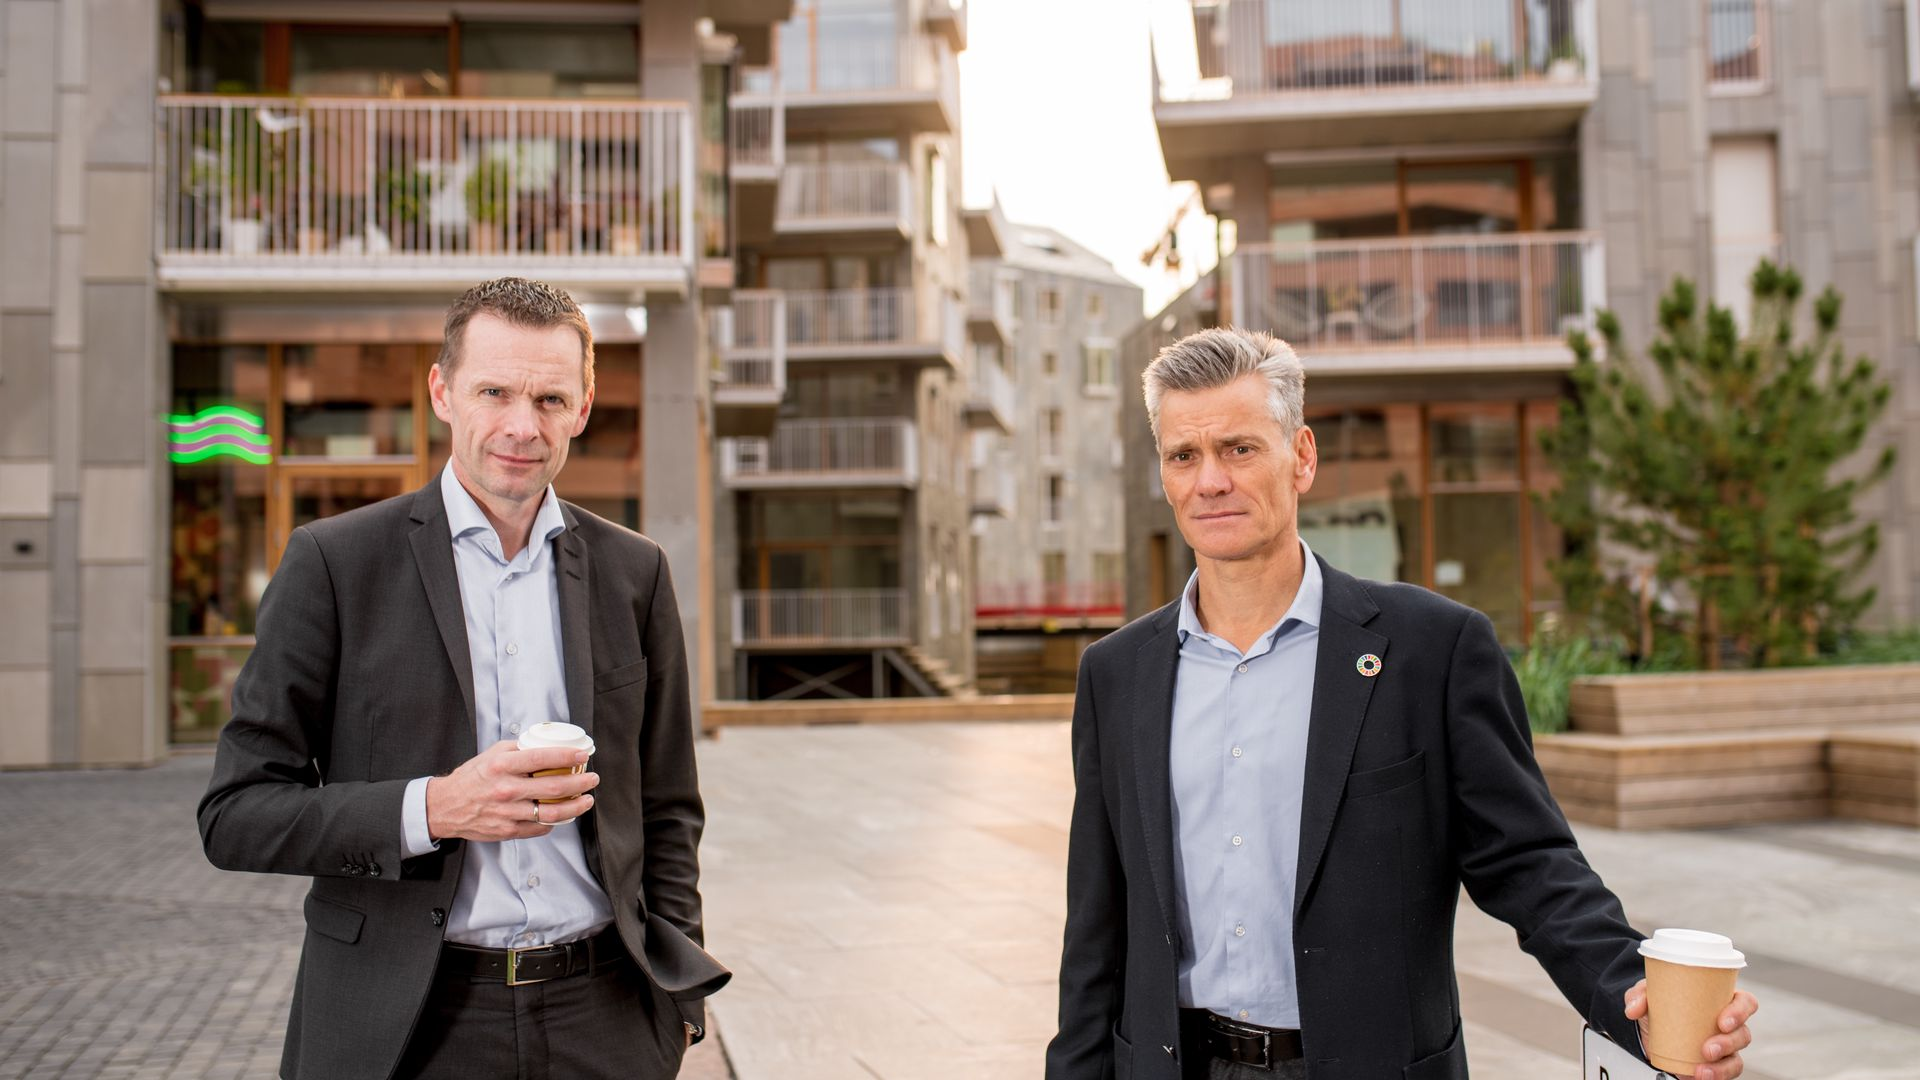 Utviklingsdirektør Morten Austestad og adm.dir. Jon-Erik Lunøe foran boligprosjektet Vannkunsten i Bjørvika.